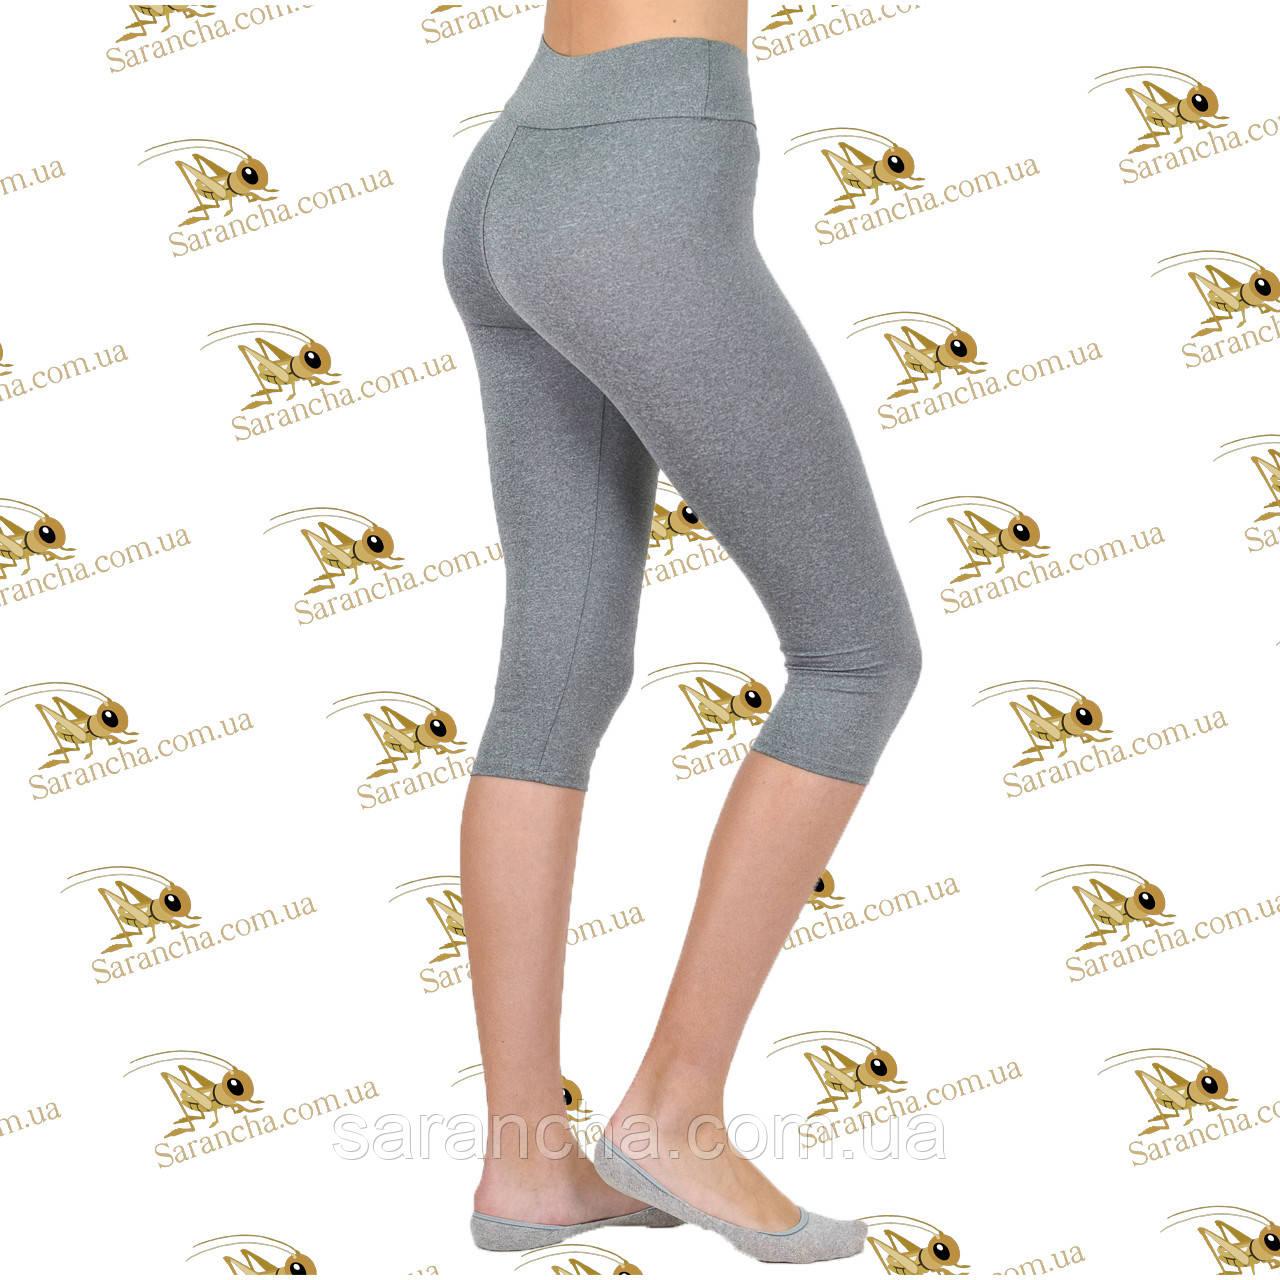 Женские безшовные спортивные бриджи трикотаж меланж серый